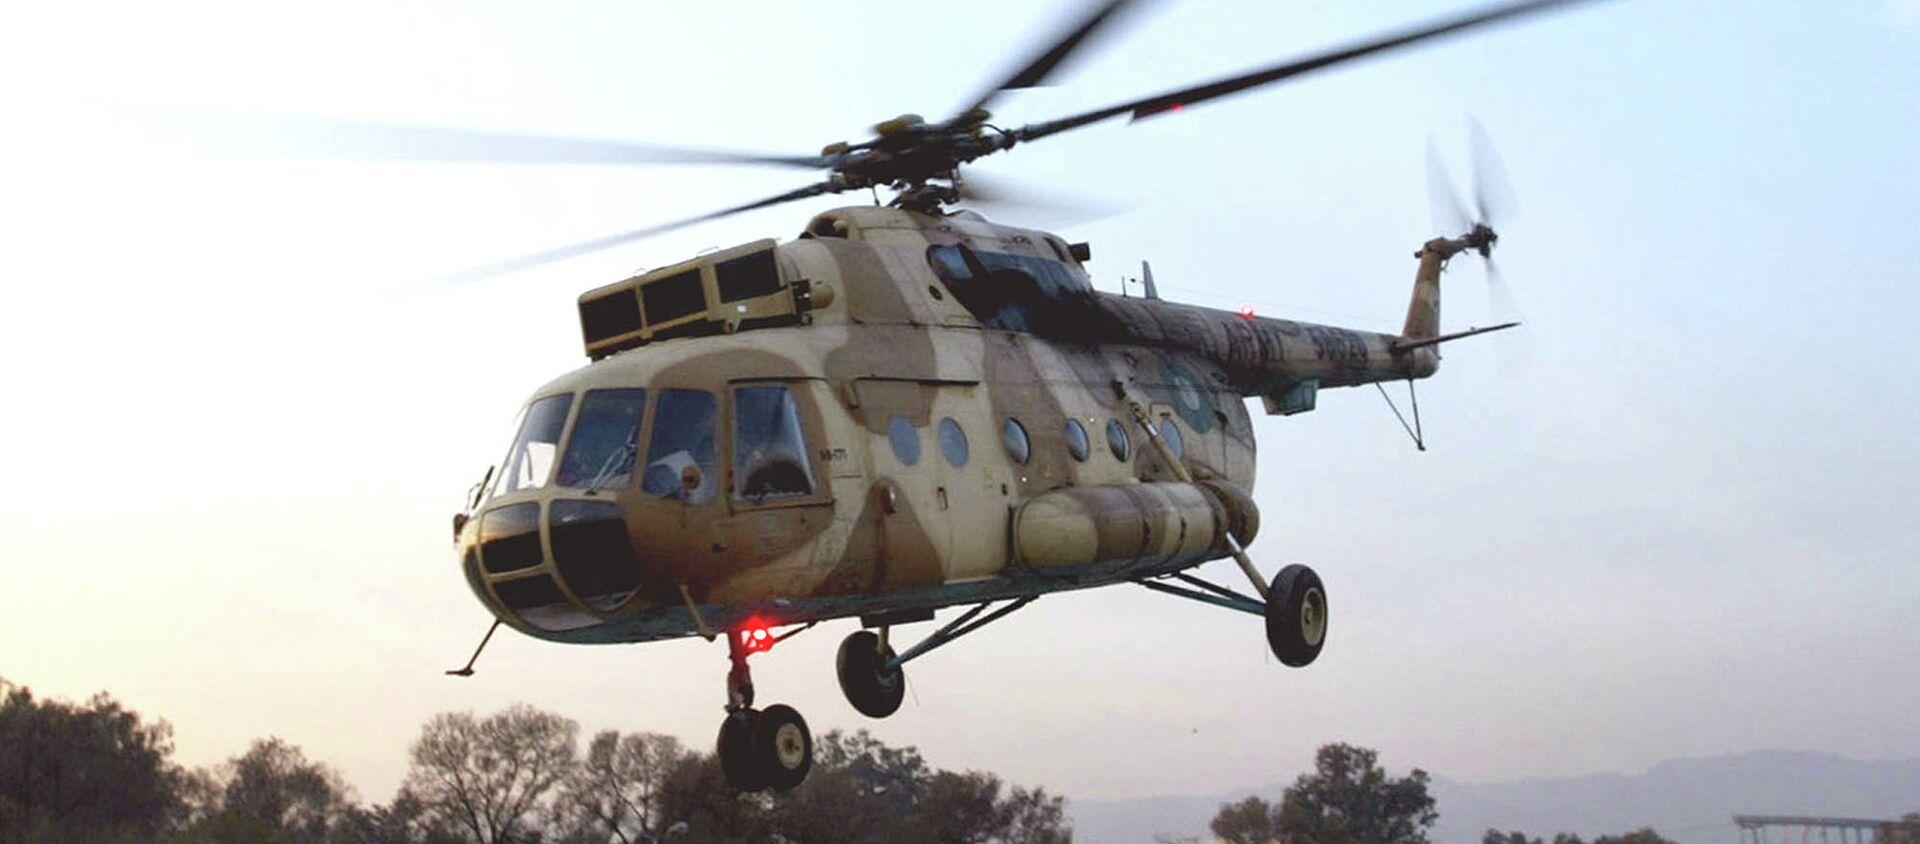 Wypadek helikoptera w Pakistanie - Sputnik Polska, 1920, 08.05.2015